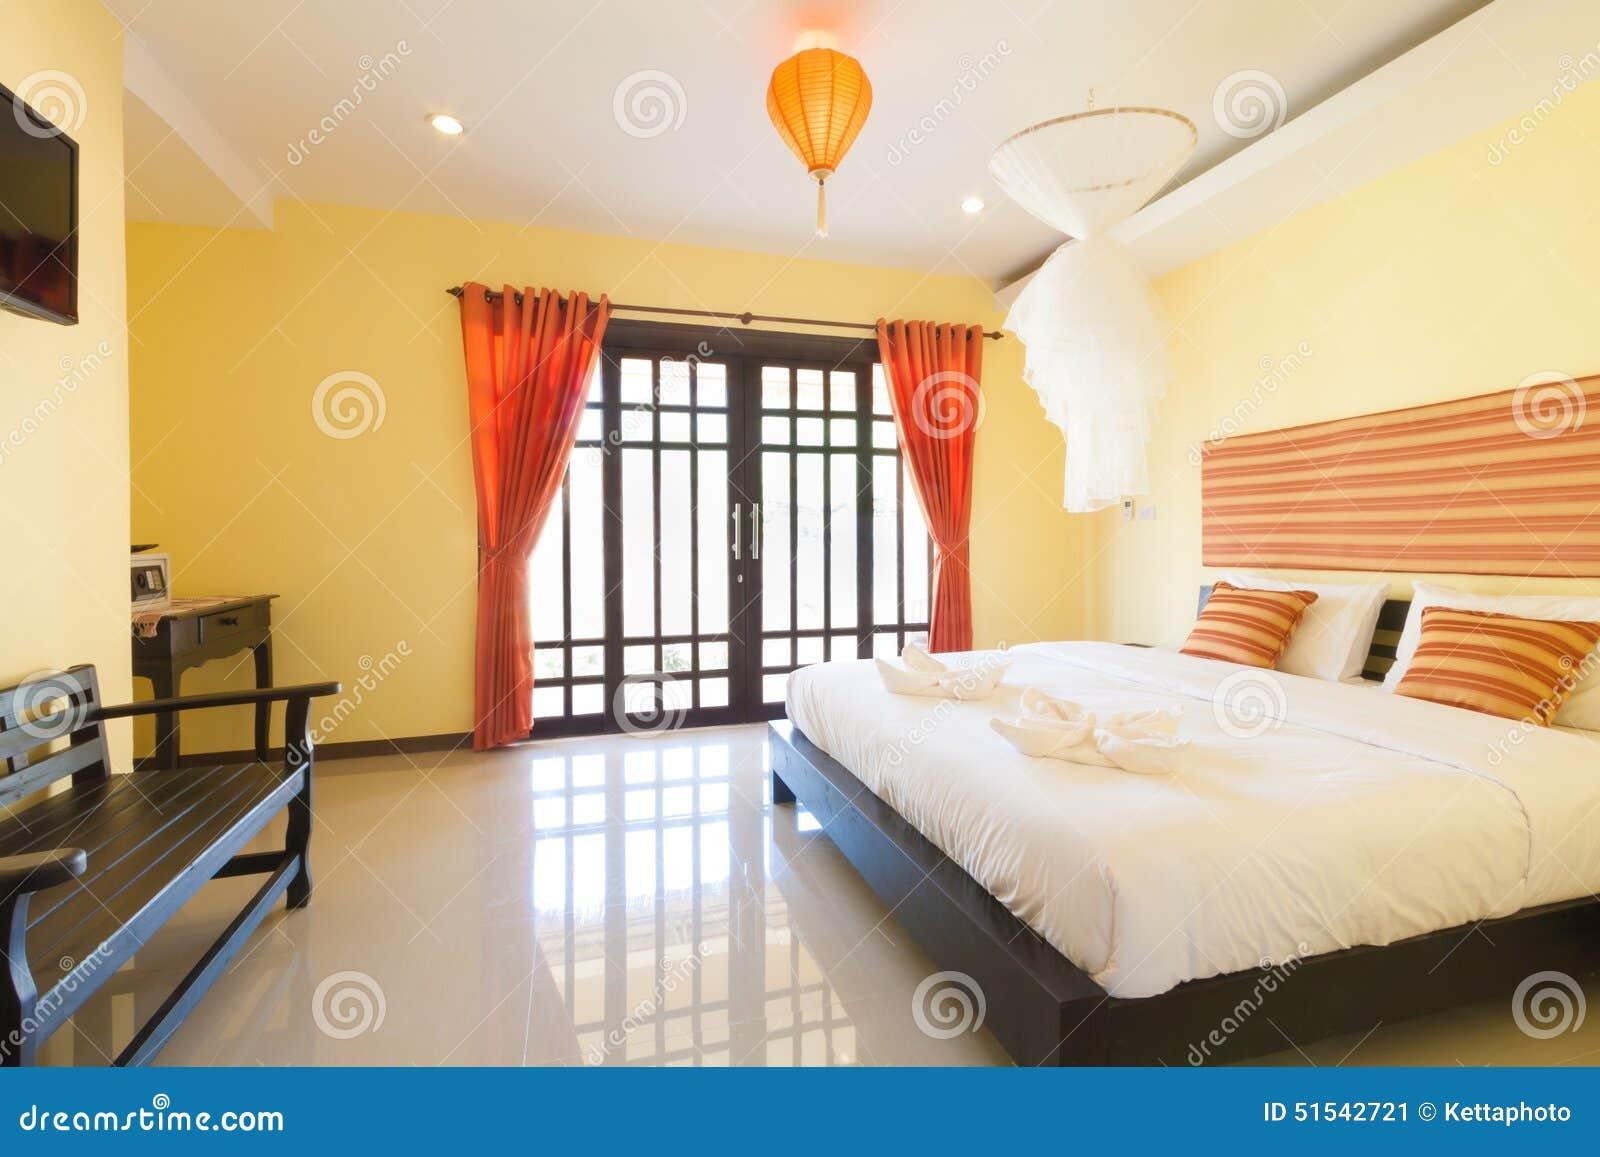 Camera da letto gialla immagine stock. Immagine di fornire - 51542721